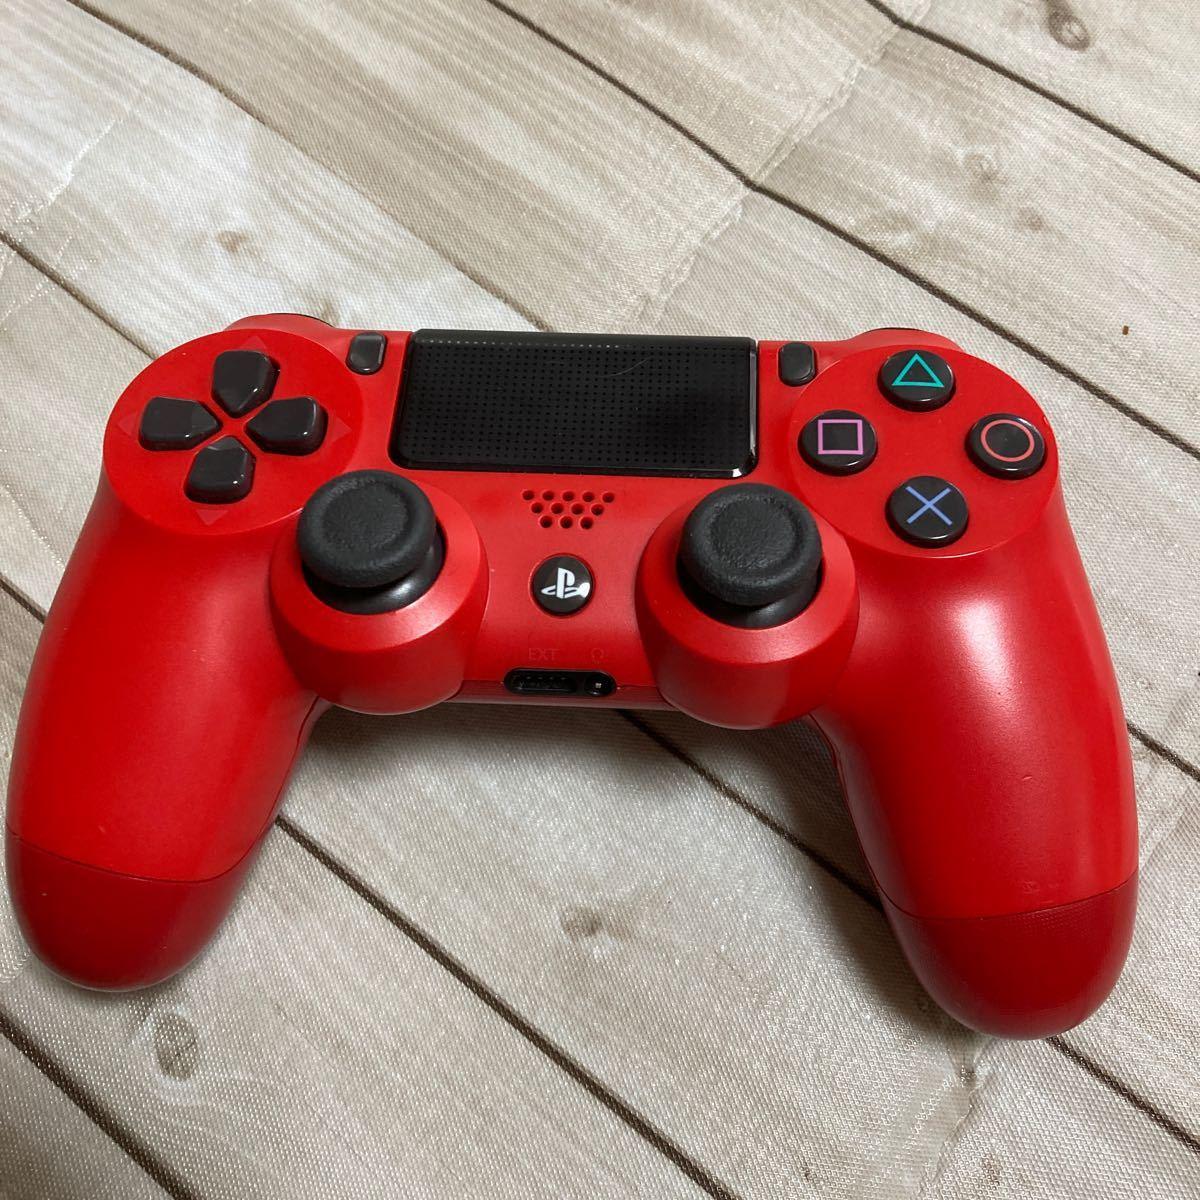 デュアルショック4 DUALSHOCK4 SONY ワイヤレスコントローラー PS4 レッド PS4コントローラー